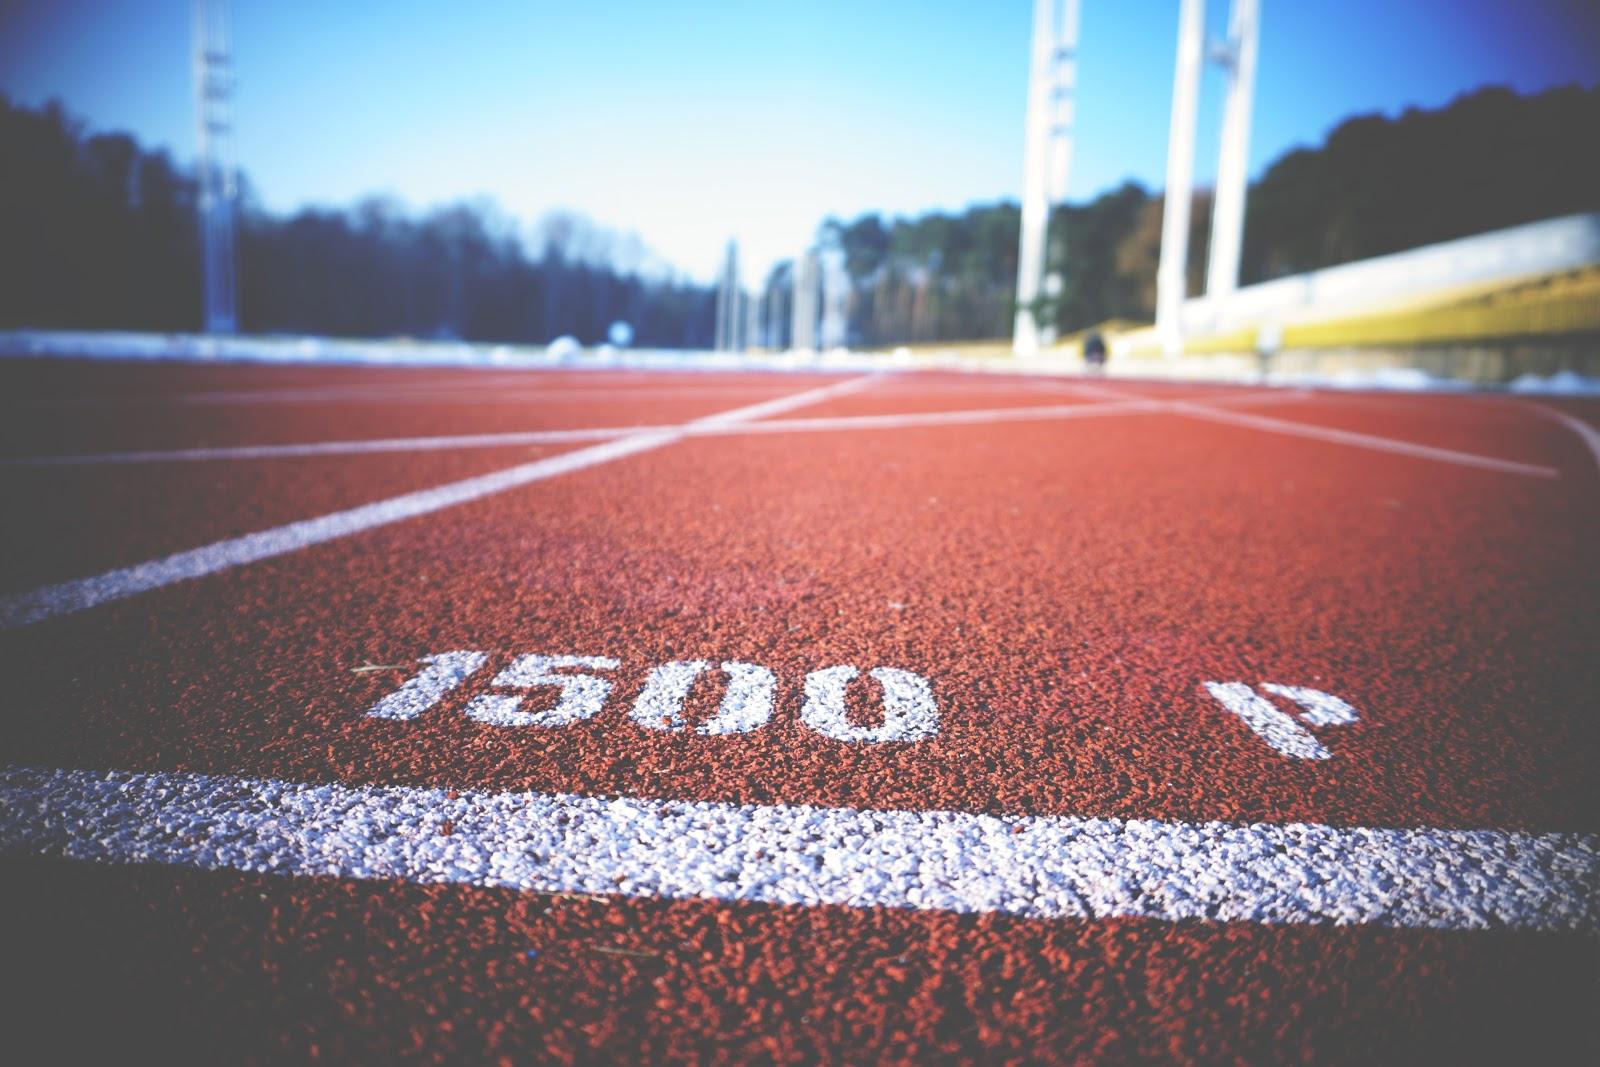 Pesquisas mudam o entendimento sobre algumas práticas esportivas. (Fonte: Pexels)